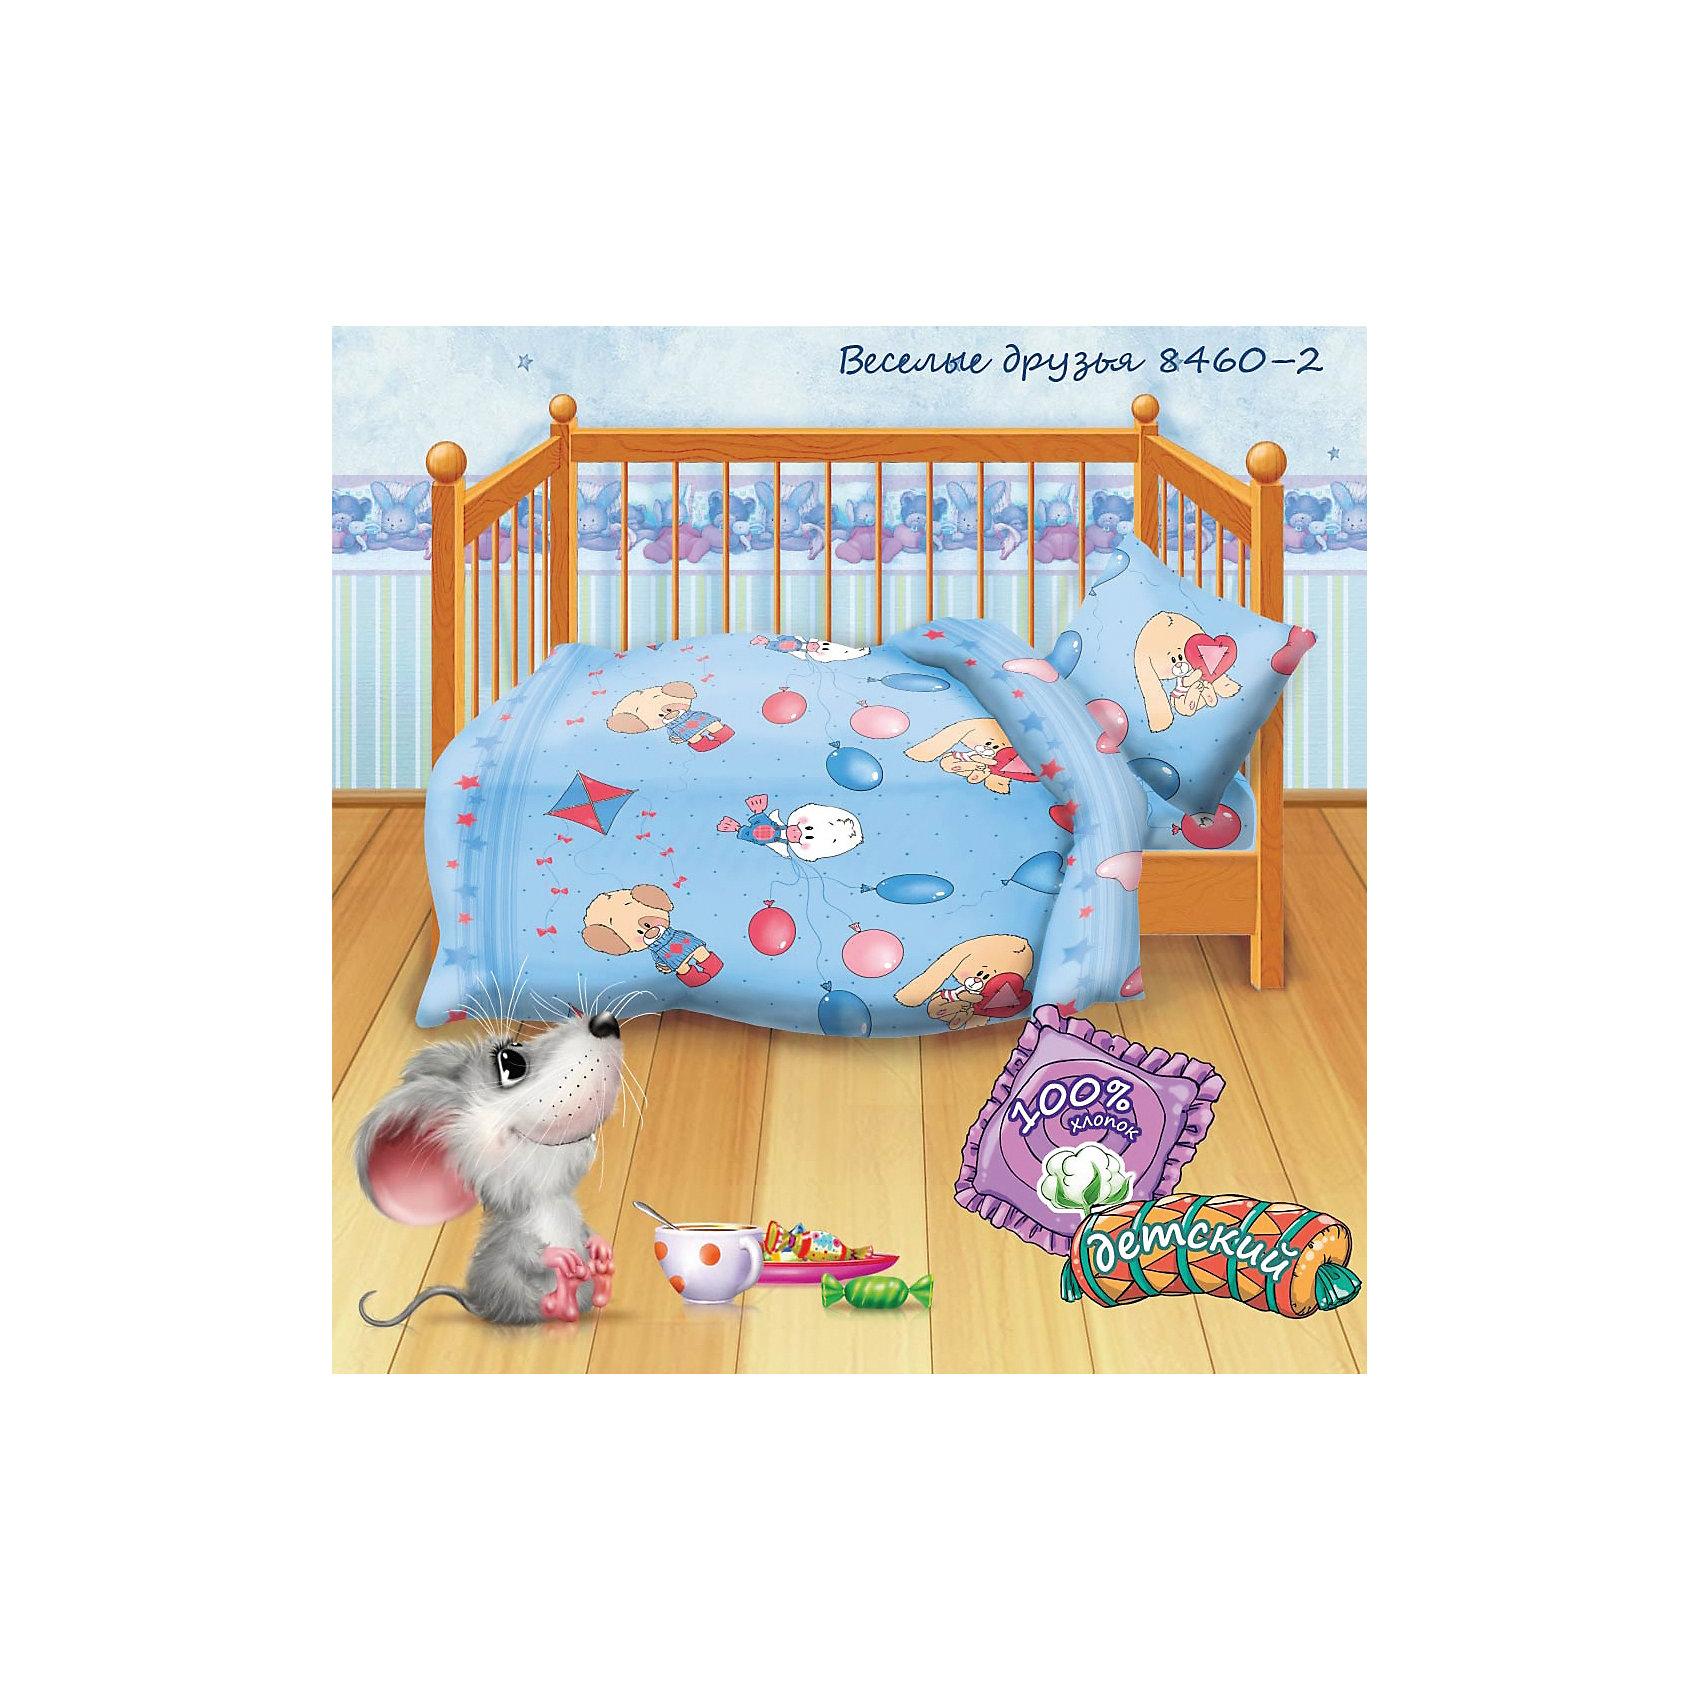 Детский комплект Весёлые друзья (голубой, бязь), Кошки-мышкиС комплектом постельного белья Весёлые друзья, Кошки-мышки, Ваш ребенок с удовольствием будет укладываться в свою кроватку и видеть чудесные сказочные сны. Комплект в приятных голубых тонах украшен изображениями забавных зверюшек с воздушными шариками.<br>Материал представляет собой качественную плотную бязь, очень комфортную и приятную на ощупь. Ткань отвечает всем экологическим нормам безопасности, дышащая, гипоаллергенная, не нарушает естественные процессы терморегуляции. При стирке белье не линяет, не деформируется и не теряет своих красок даже после многочисленных стирок.<br><br>Дополнительная информация:<br><br>- Цвет: голубой.<br>- Тип ткани: бязь (100% хлопок).<br>- Плотность ткани (г/м) 115.<br>- В комплекте: 1 наволочка, 1 пододеяльник и 1 простыня.<br>- Размер пододеяльника: 147 х 112 см.<br>- Размер наволочки: 40 х 60 см.<br>- Размер простыни: 150 х 110 см.<br>- Размер упаковки: 25 х 5 х 25 см.<br>- Вес: 0,5 кг. <br><br>Детский комплект Весёлые друзья (голубой, бязь), Кошки-мышки, можно приобрести в нашем интернет-магазине.<br><br>Ширина мм: 250<br>Глубина мм: 250<br>Высота мм: 500<br>Вес г: 500<br>Возраст от месяцев: 0<br>Возраст до месяцев: 60<br>Пол: Мужской<br>Возраст: Детский<br>SKU: 4189941